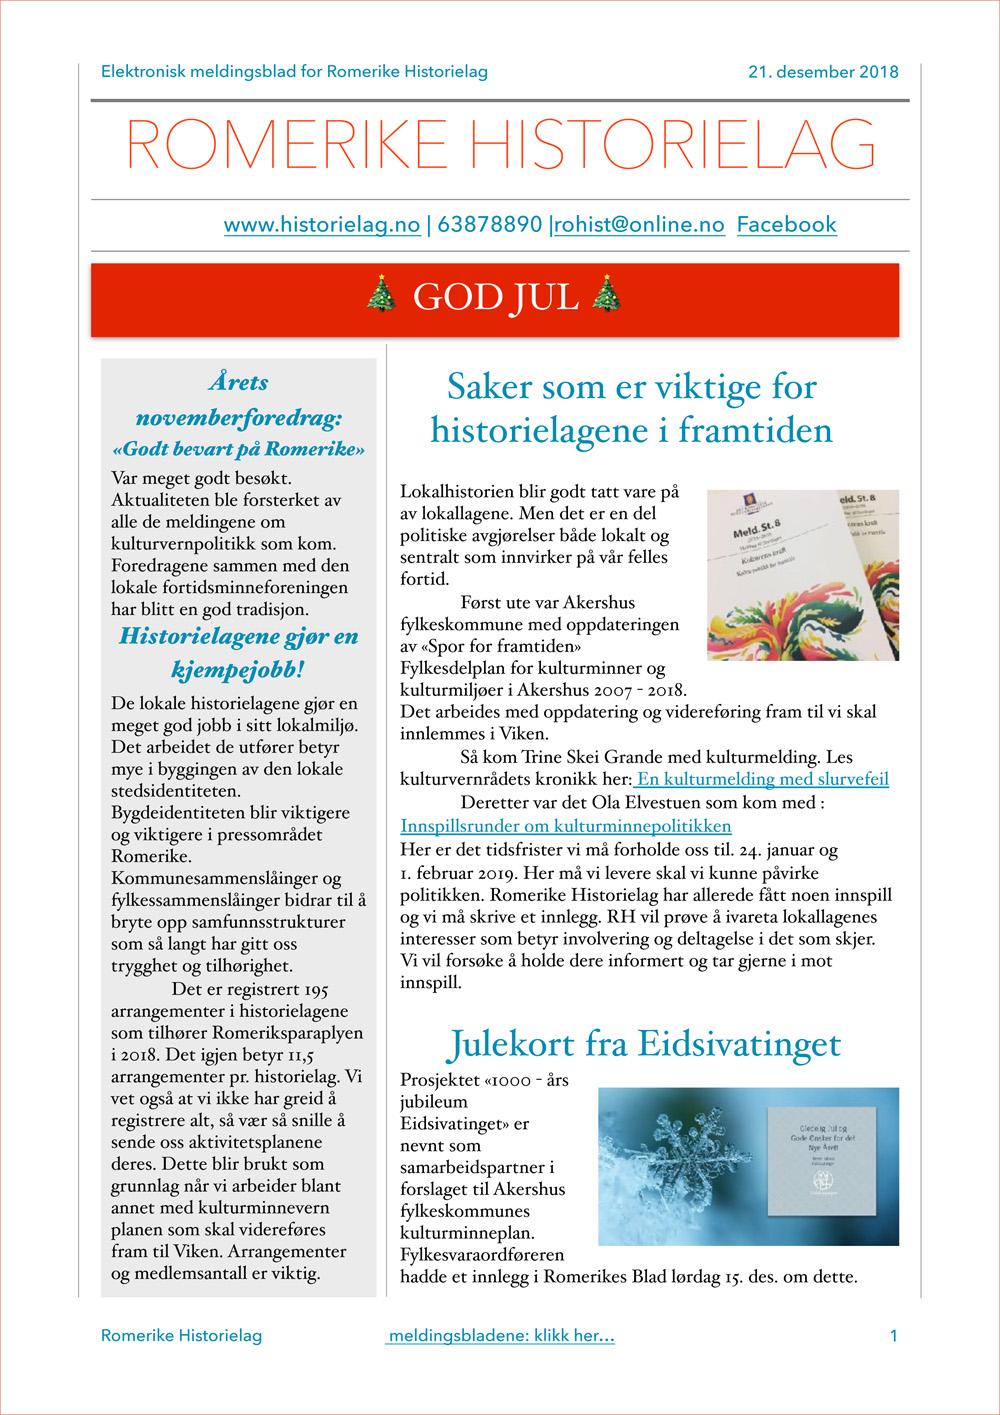 2018-12-meldingsblad.jpg